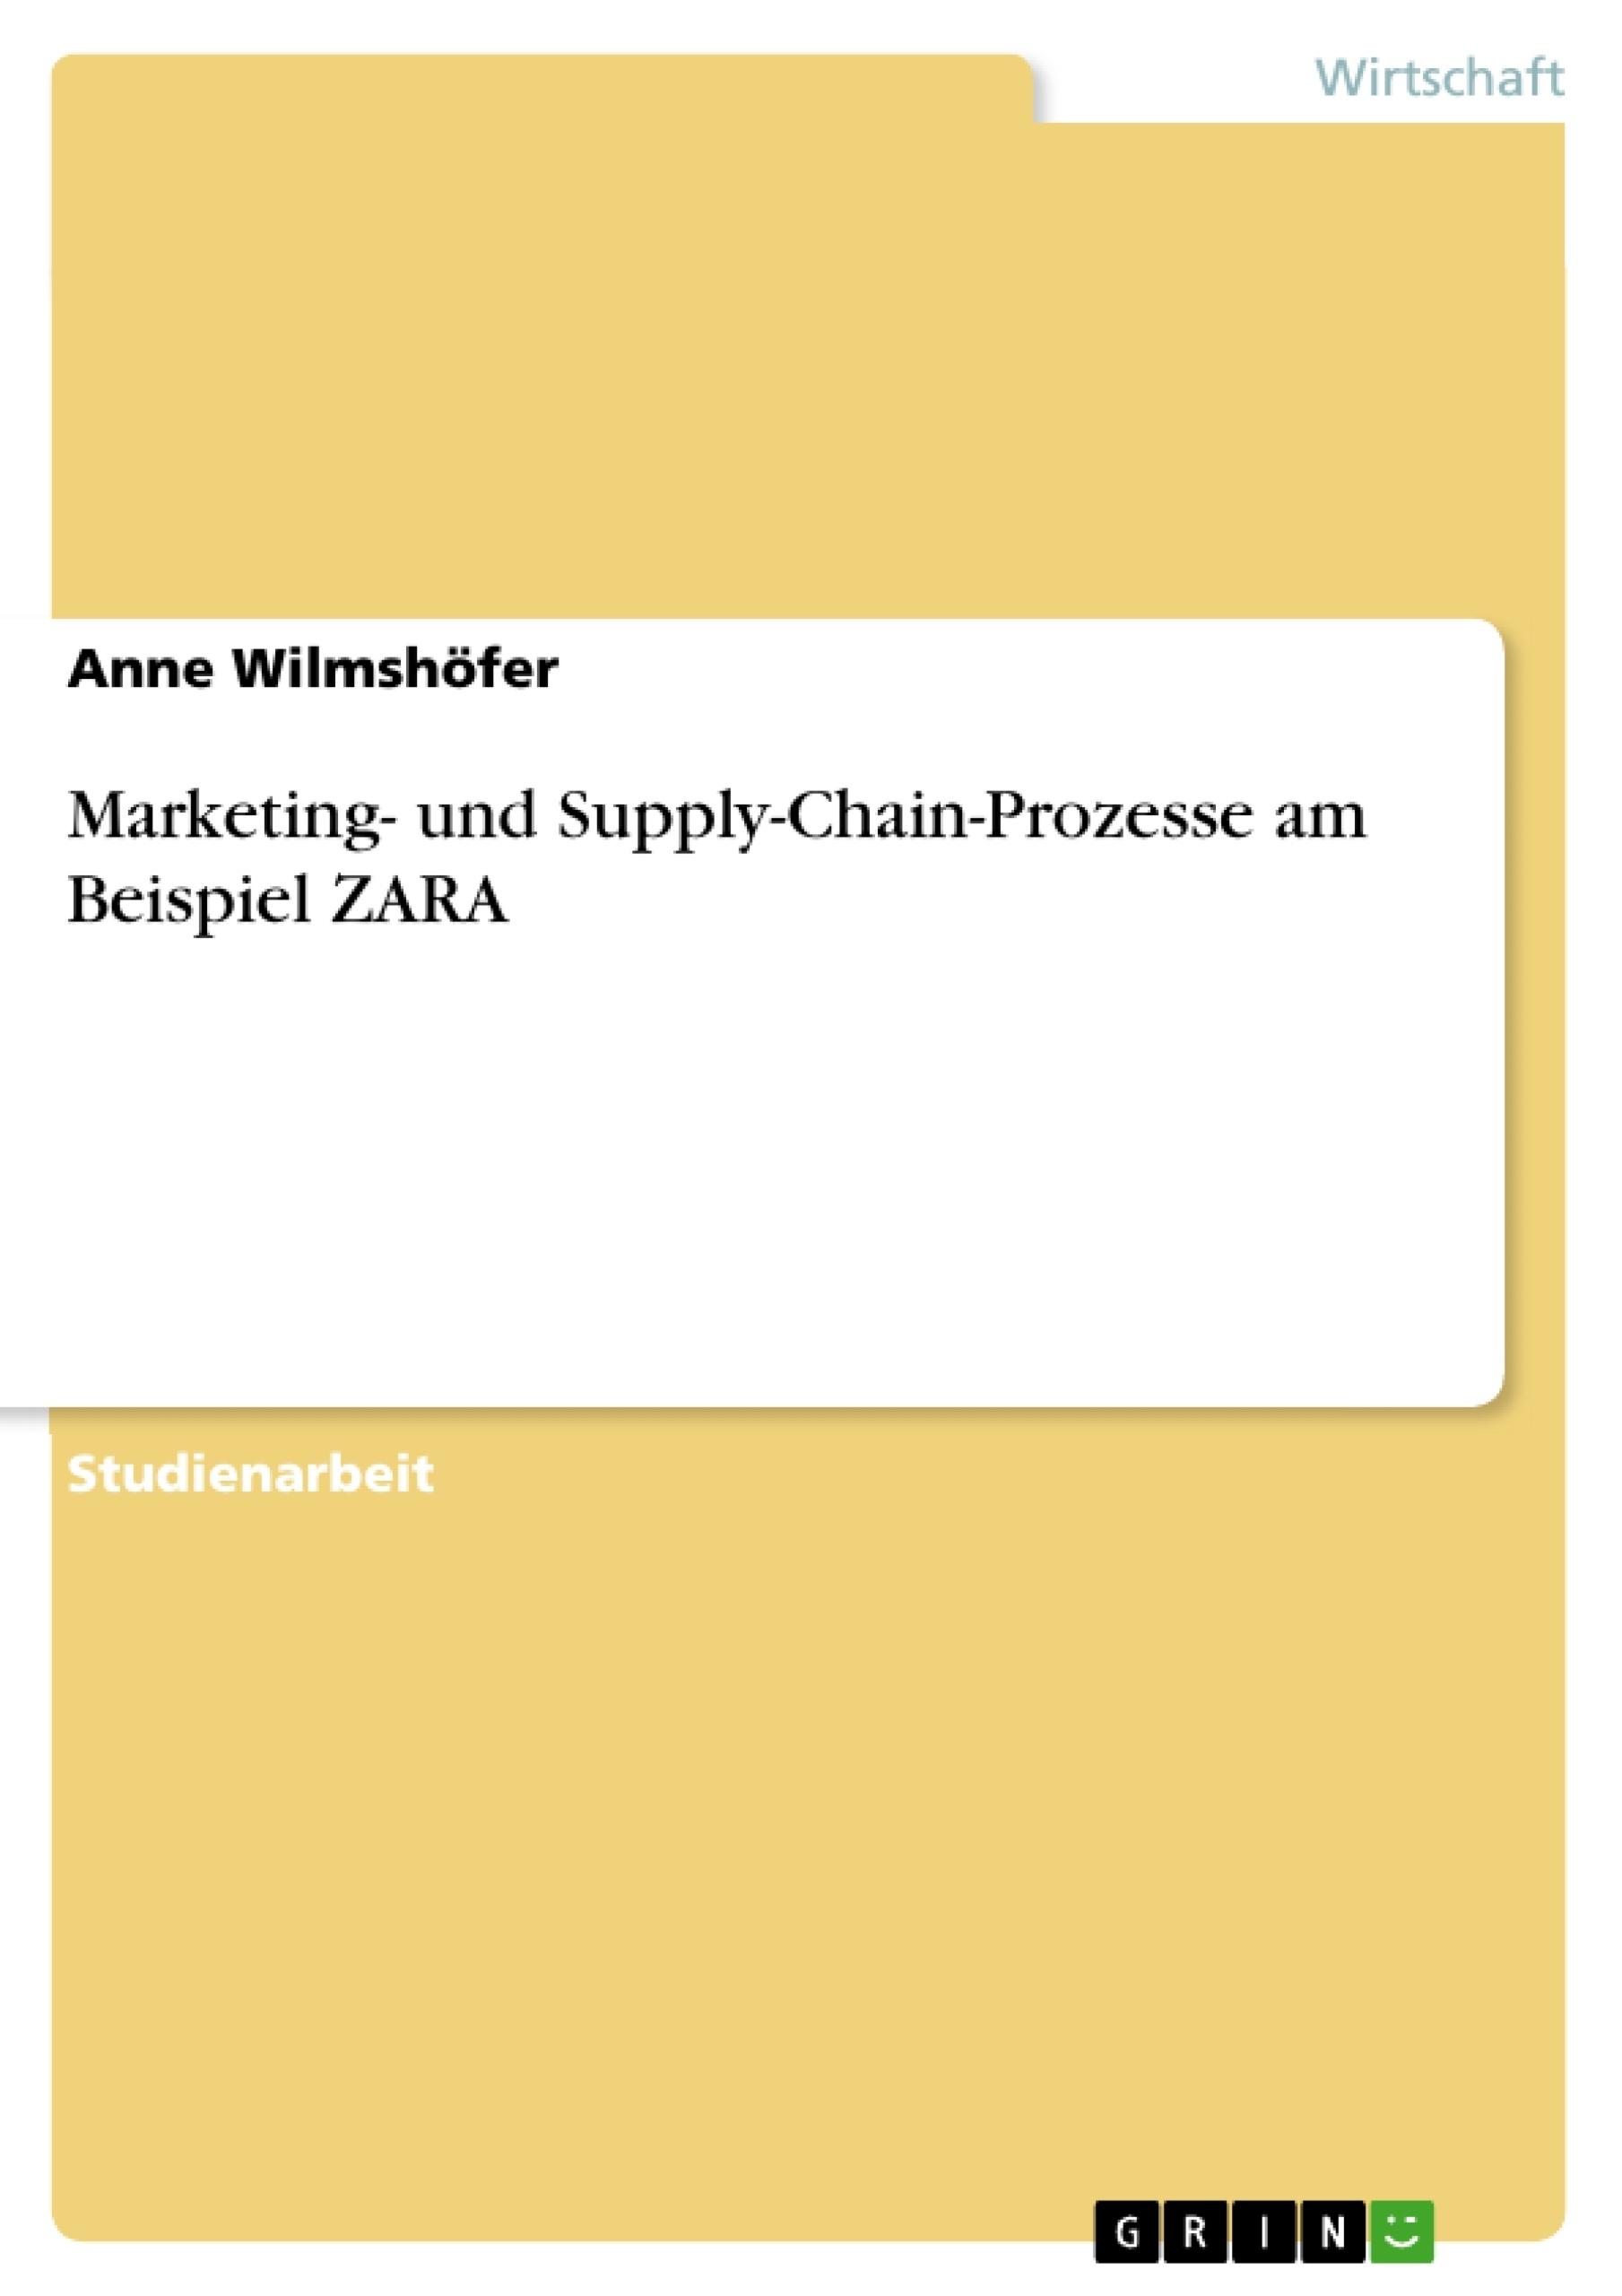 Titel: Marketing- und Supply-Chain-Prozesse am Beispiel ZARA